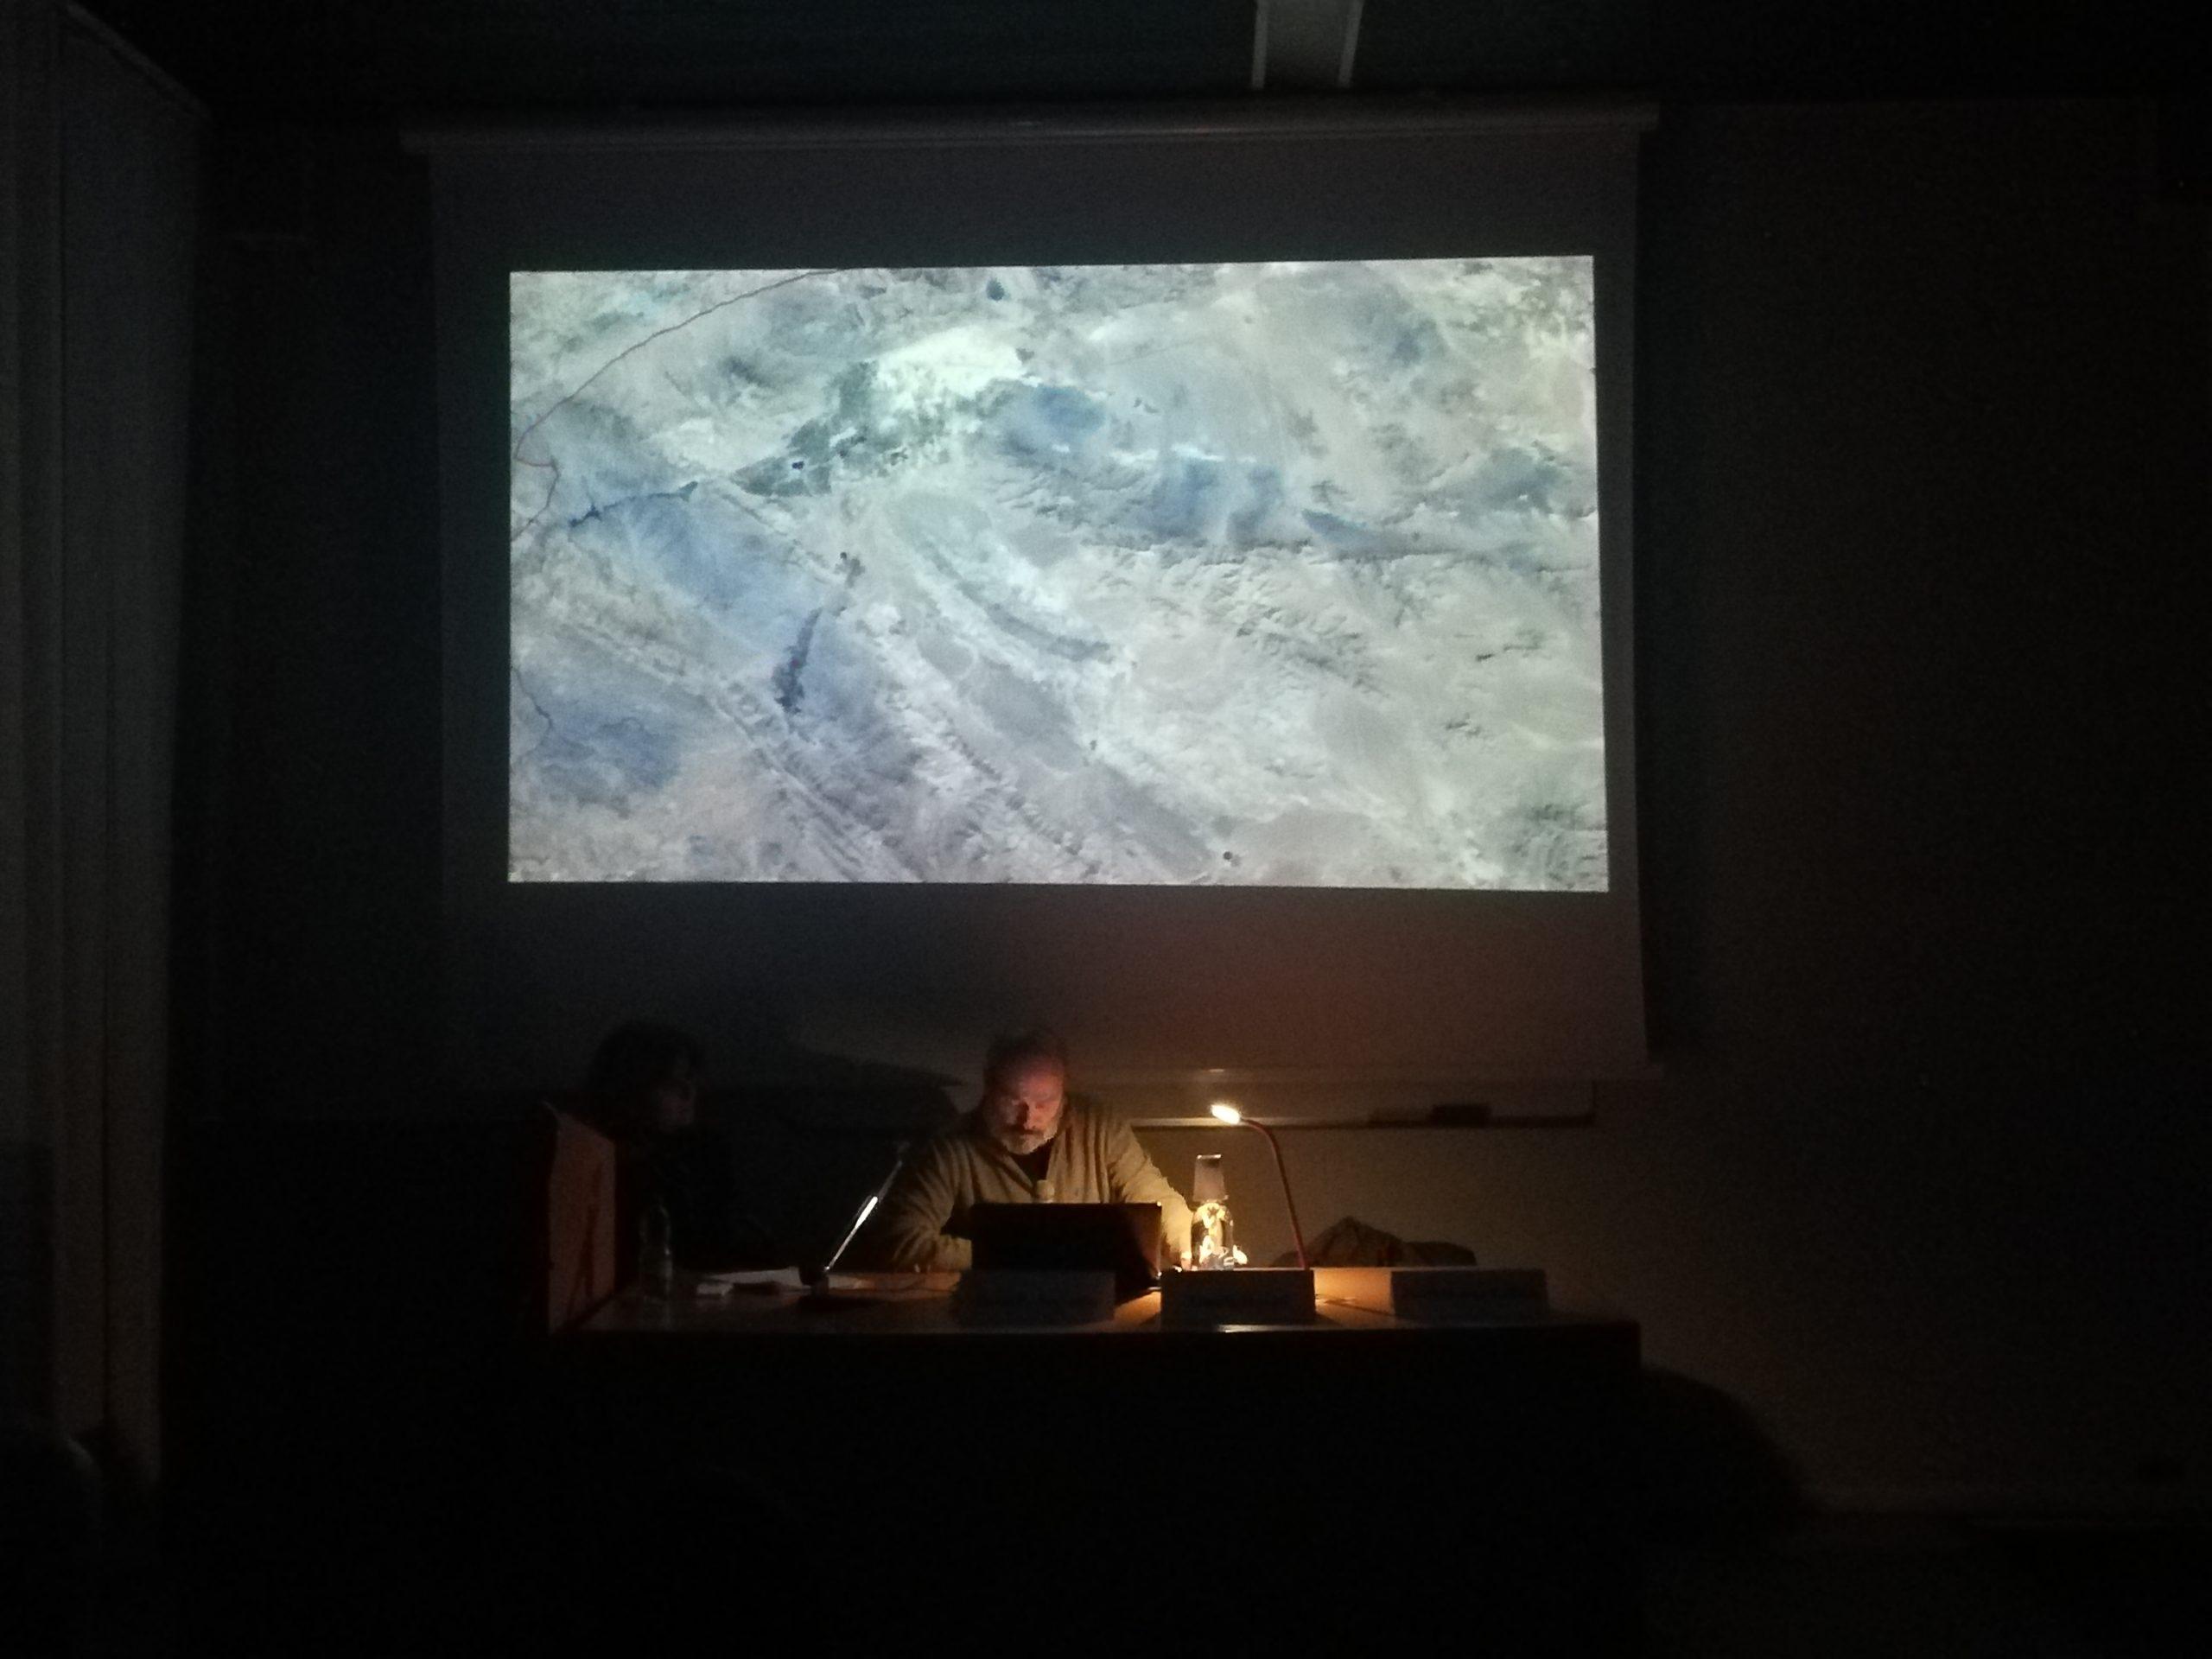 Il dott. Rosati sugli aspetti archeologici del sito.